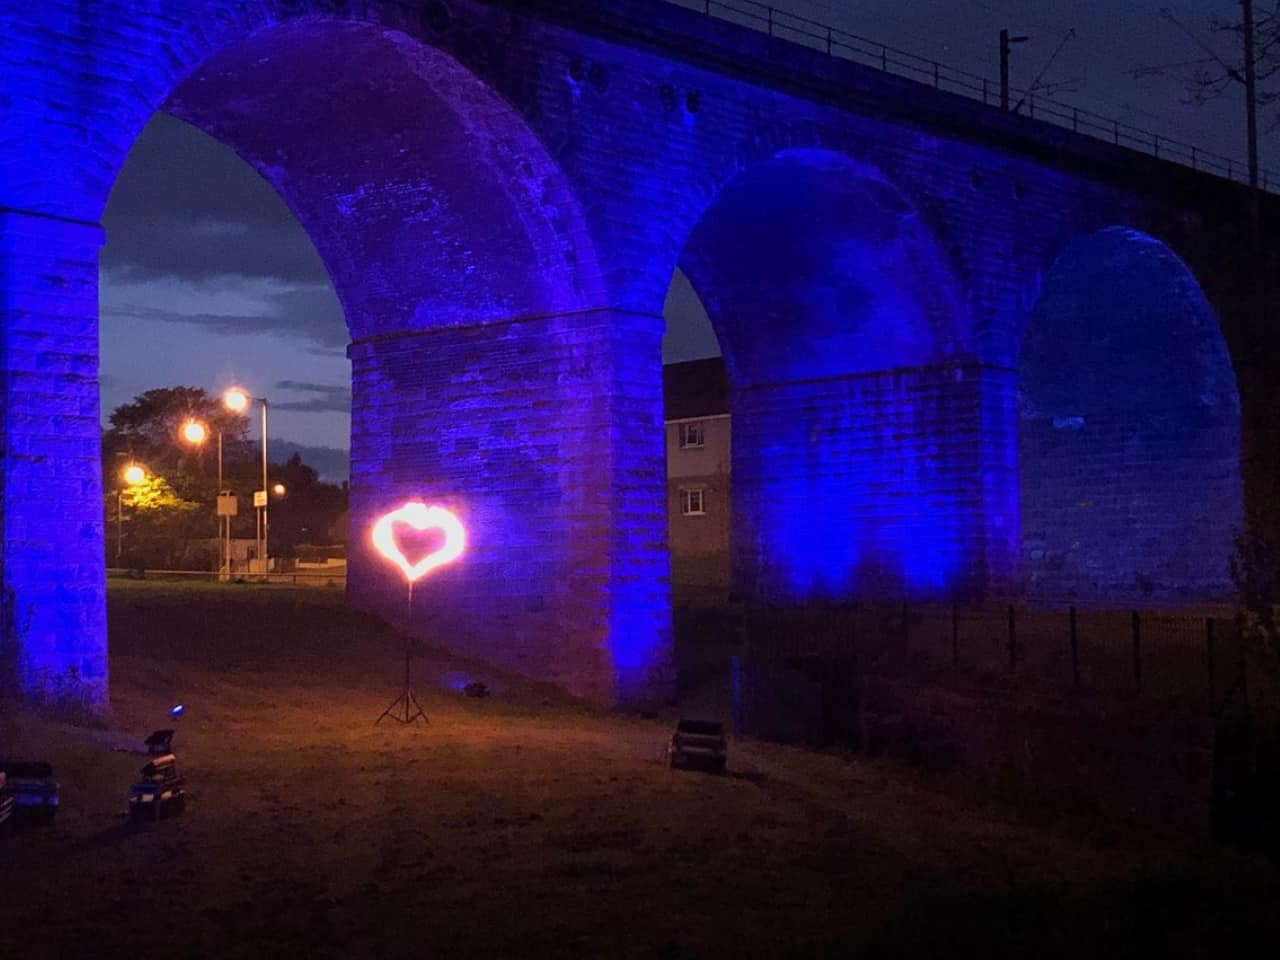 Coatdyke viaduct